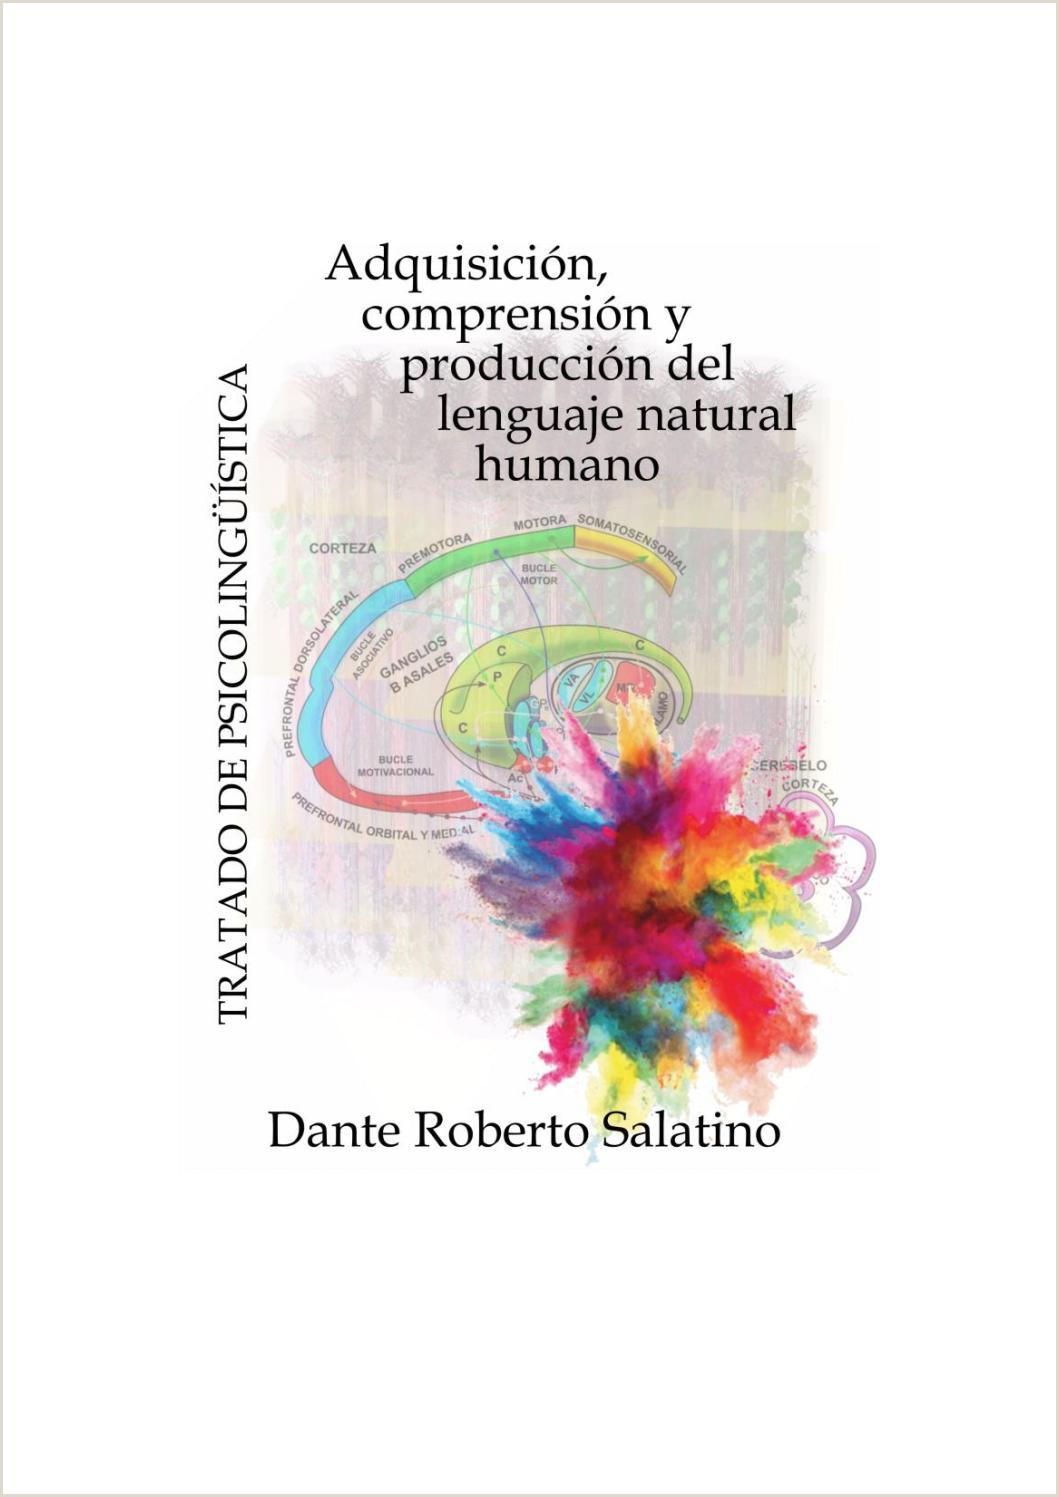 Formato De Como Hacer Una Hoja De Vida Tratado De Psicolingüstica by Dante Salatino issuu